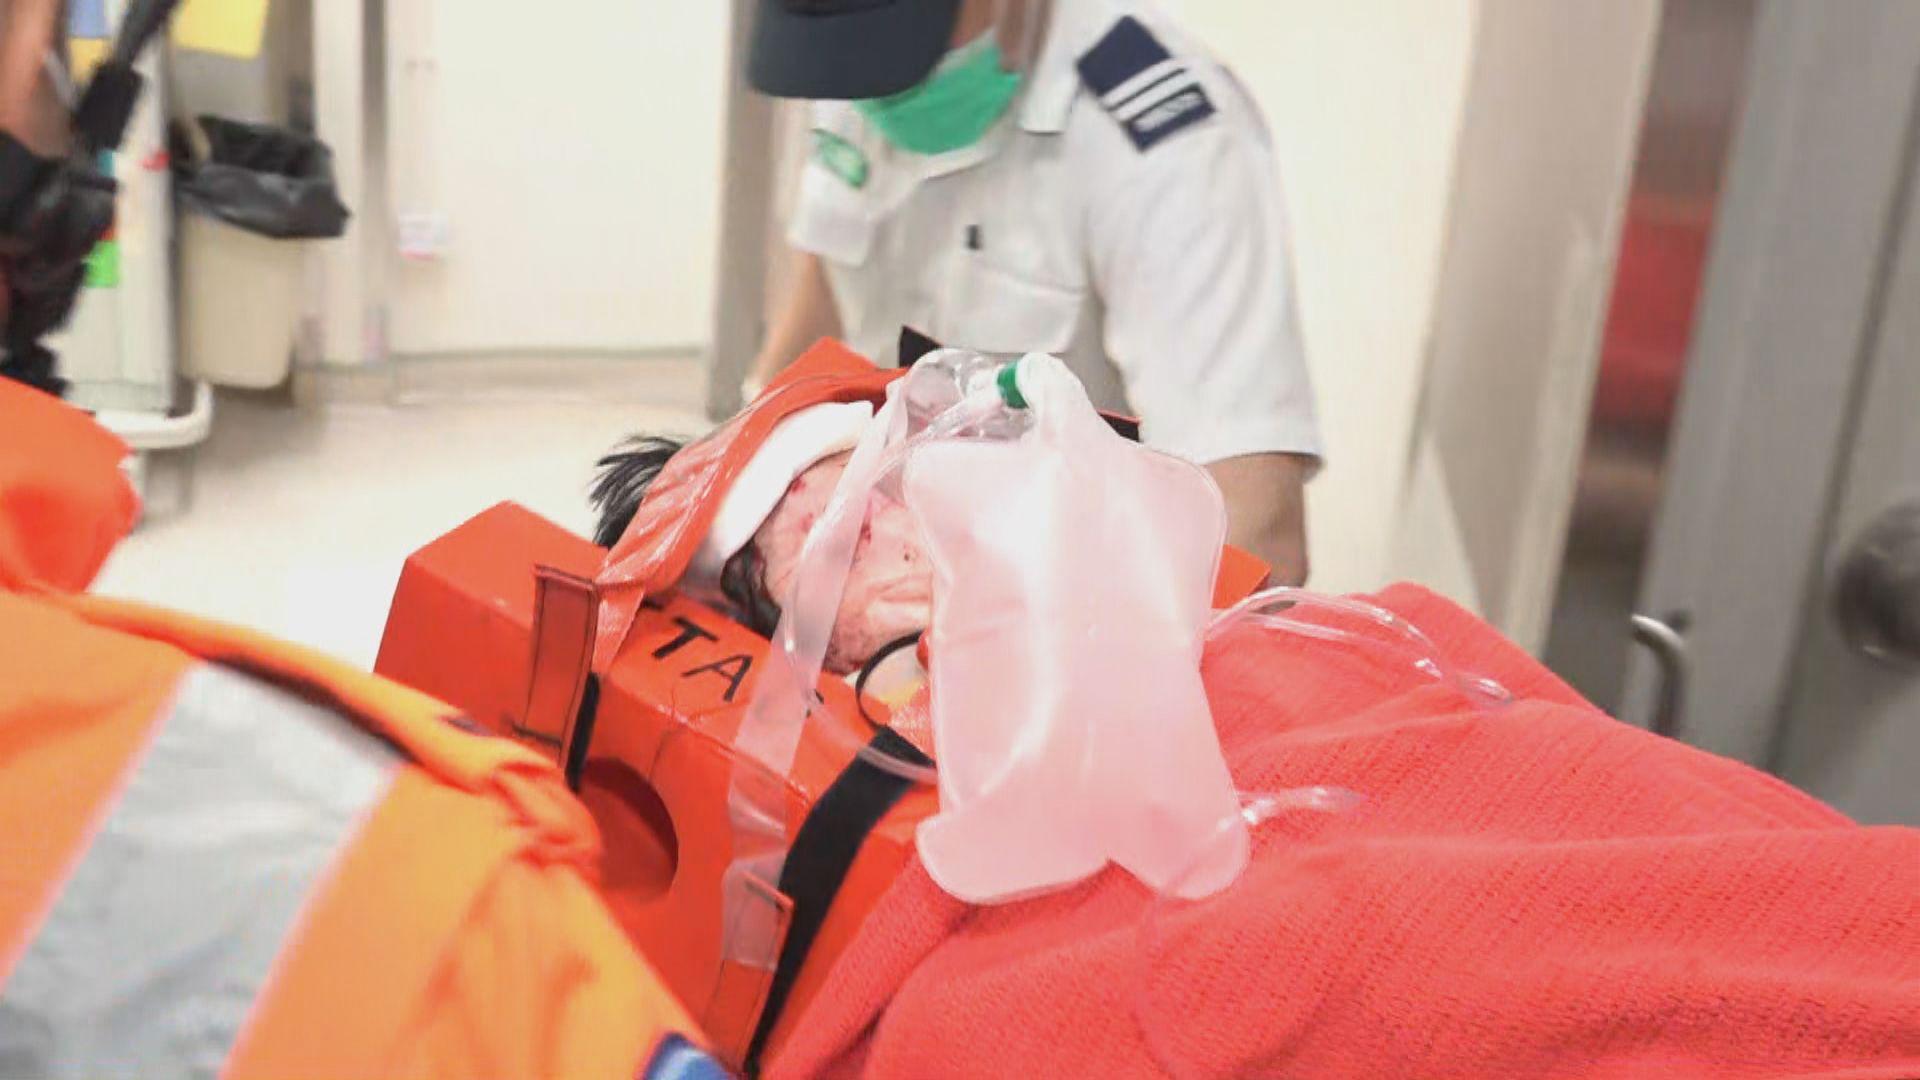 紅磡女子被私家車撞倒後壓在車底 昏迷送院